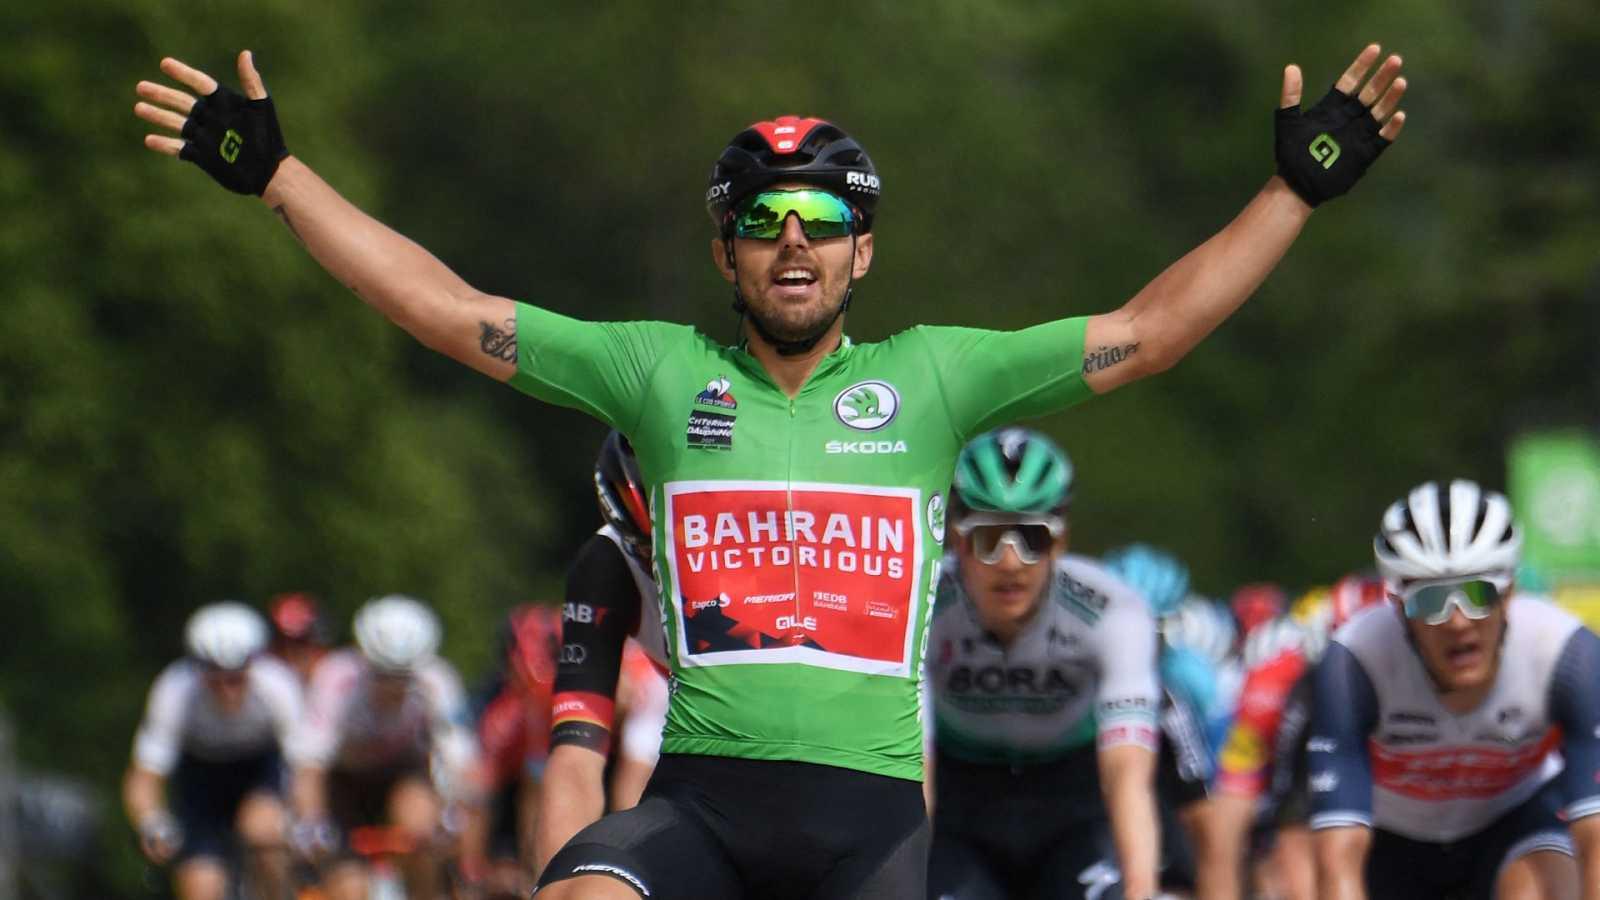 Así fue la victoria de Colbrelli en la etapa 3 de la Dauphiné